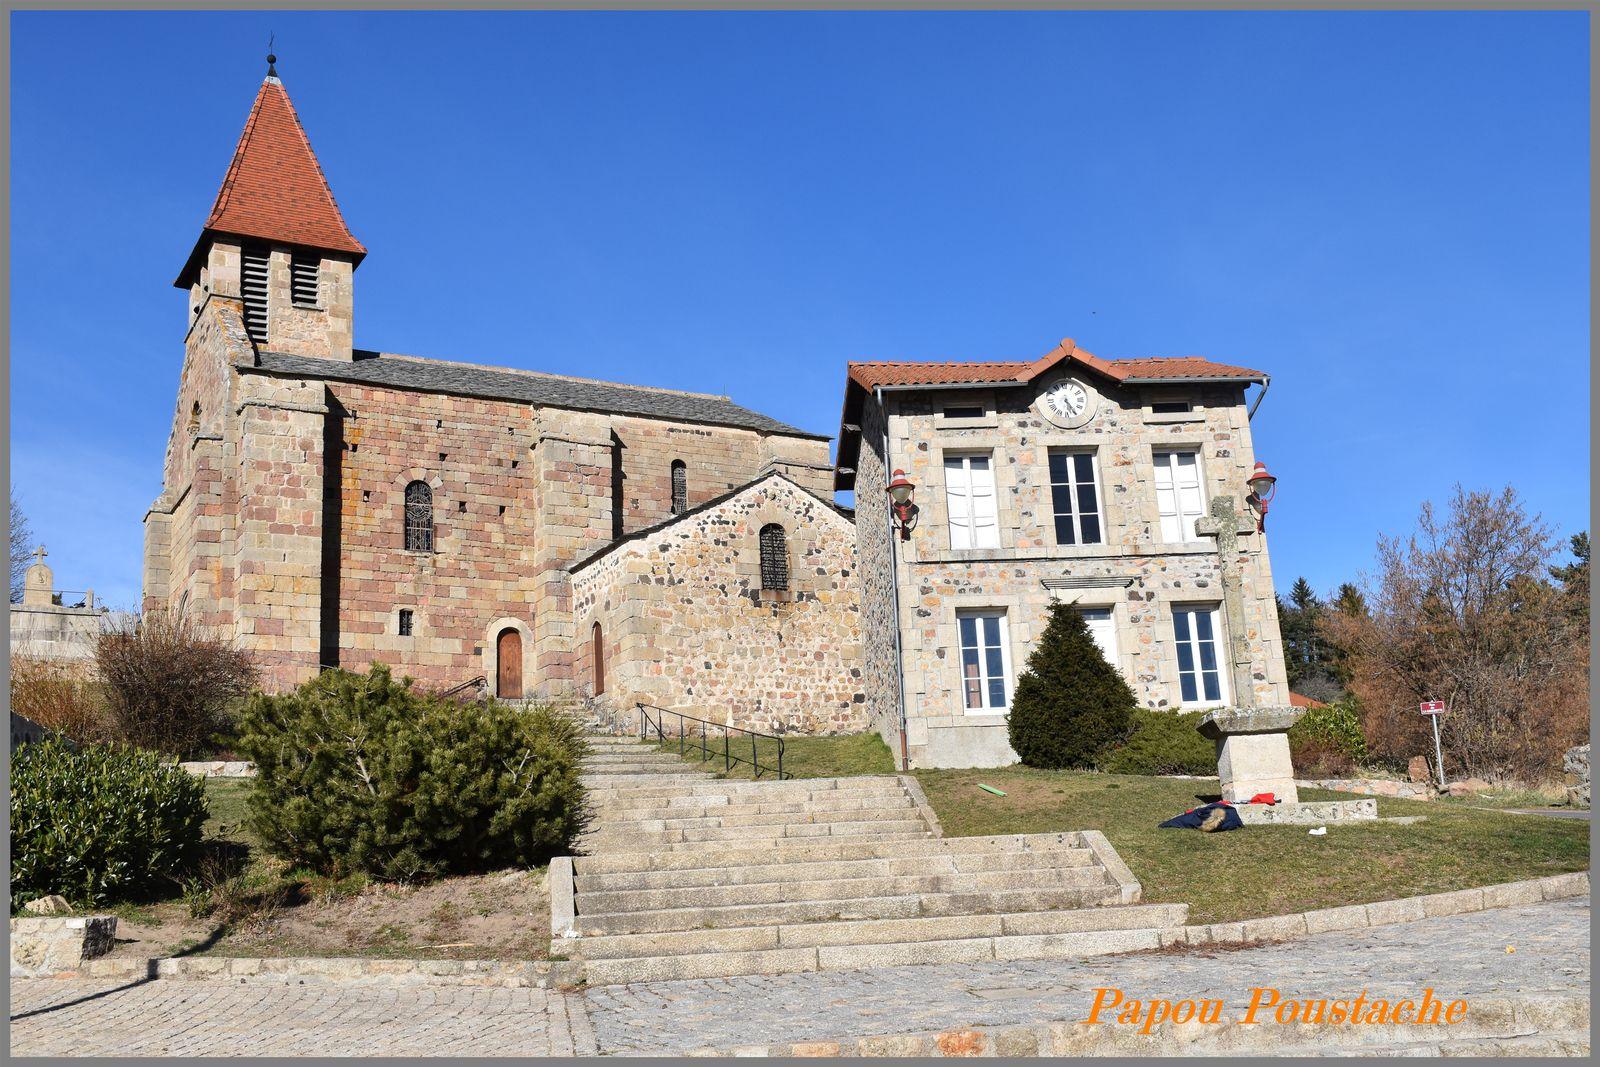 Saint Quentin de Chaspinhac